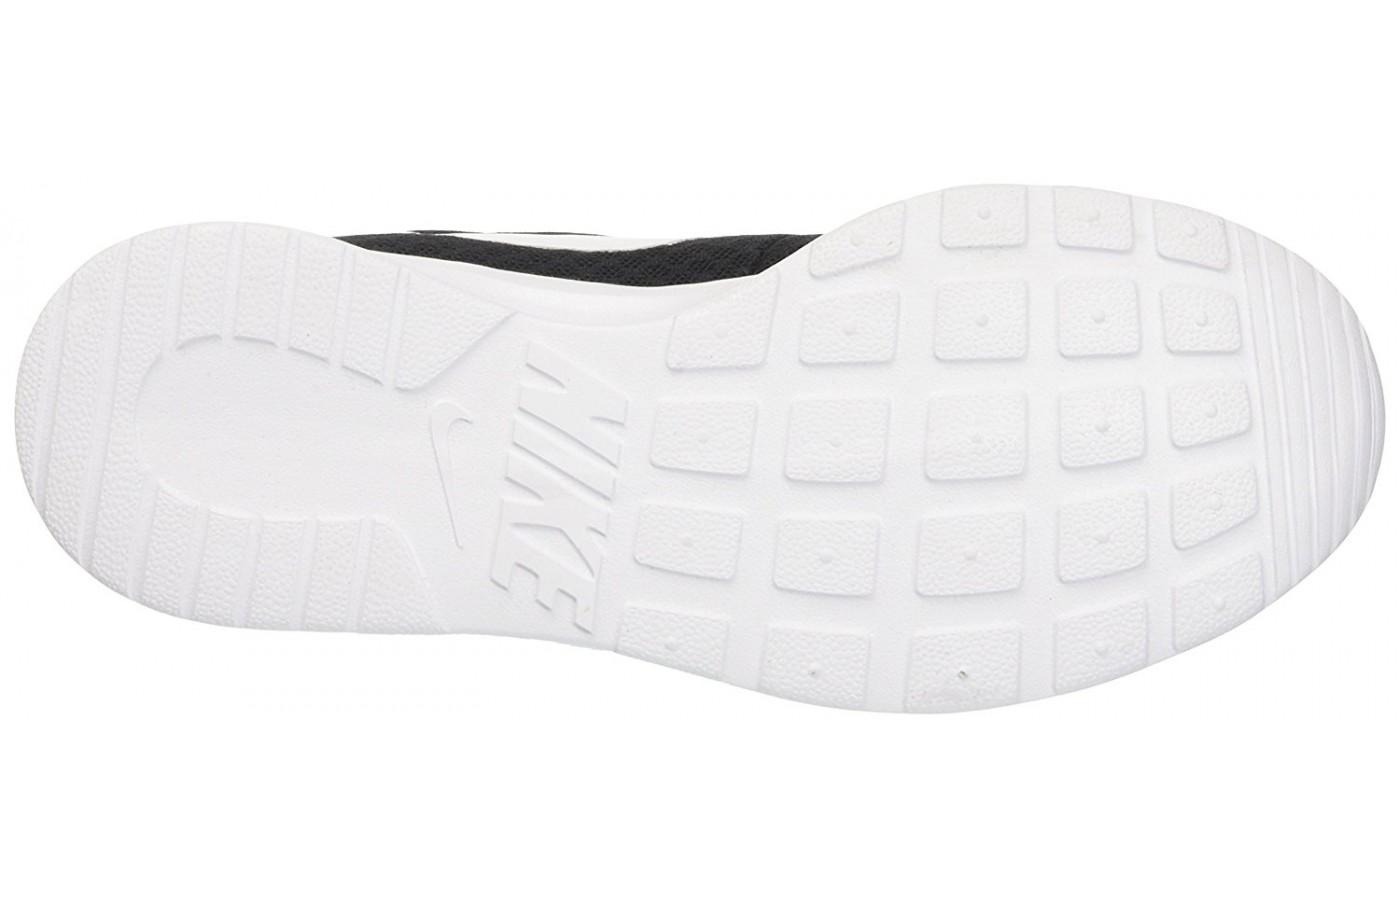 Nike Tanjun sole